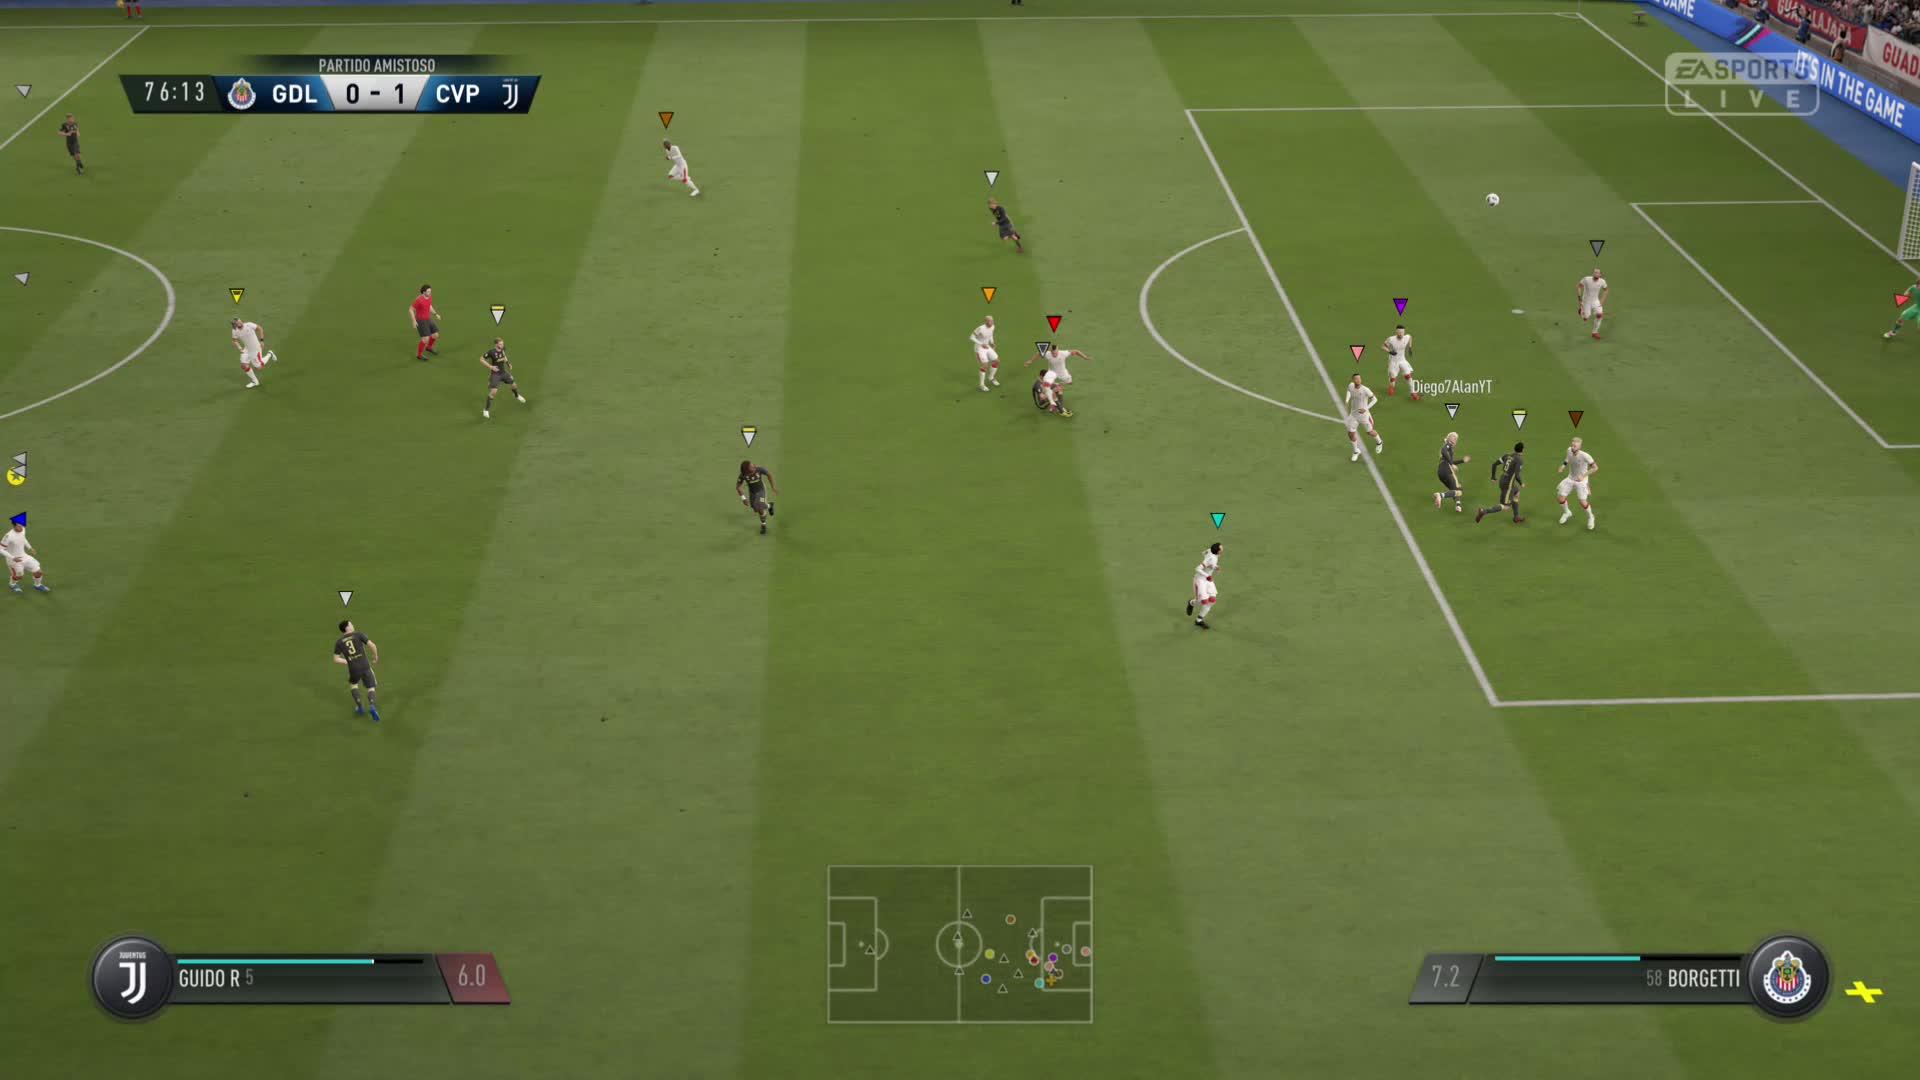 FIFA19, HGS ZorRiTo9, gamer dvr, xbox, xbox one,  GIFs